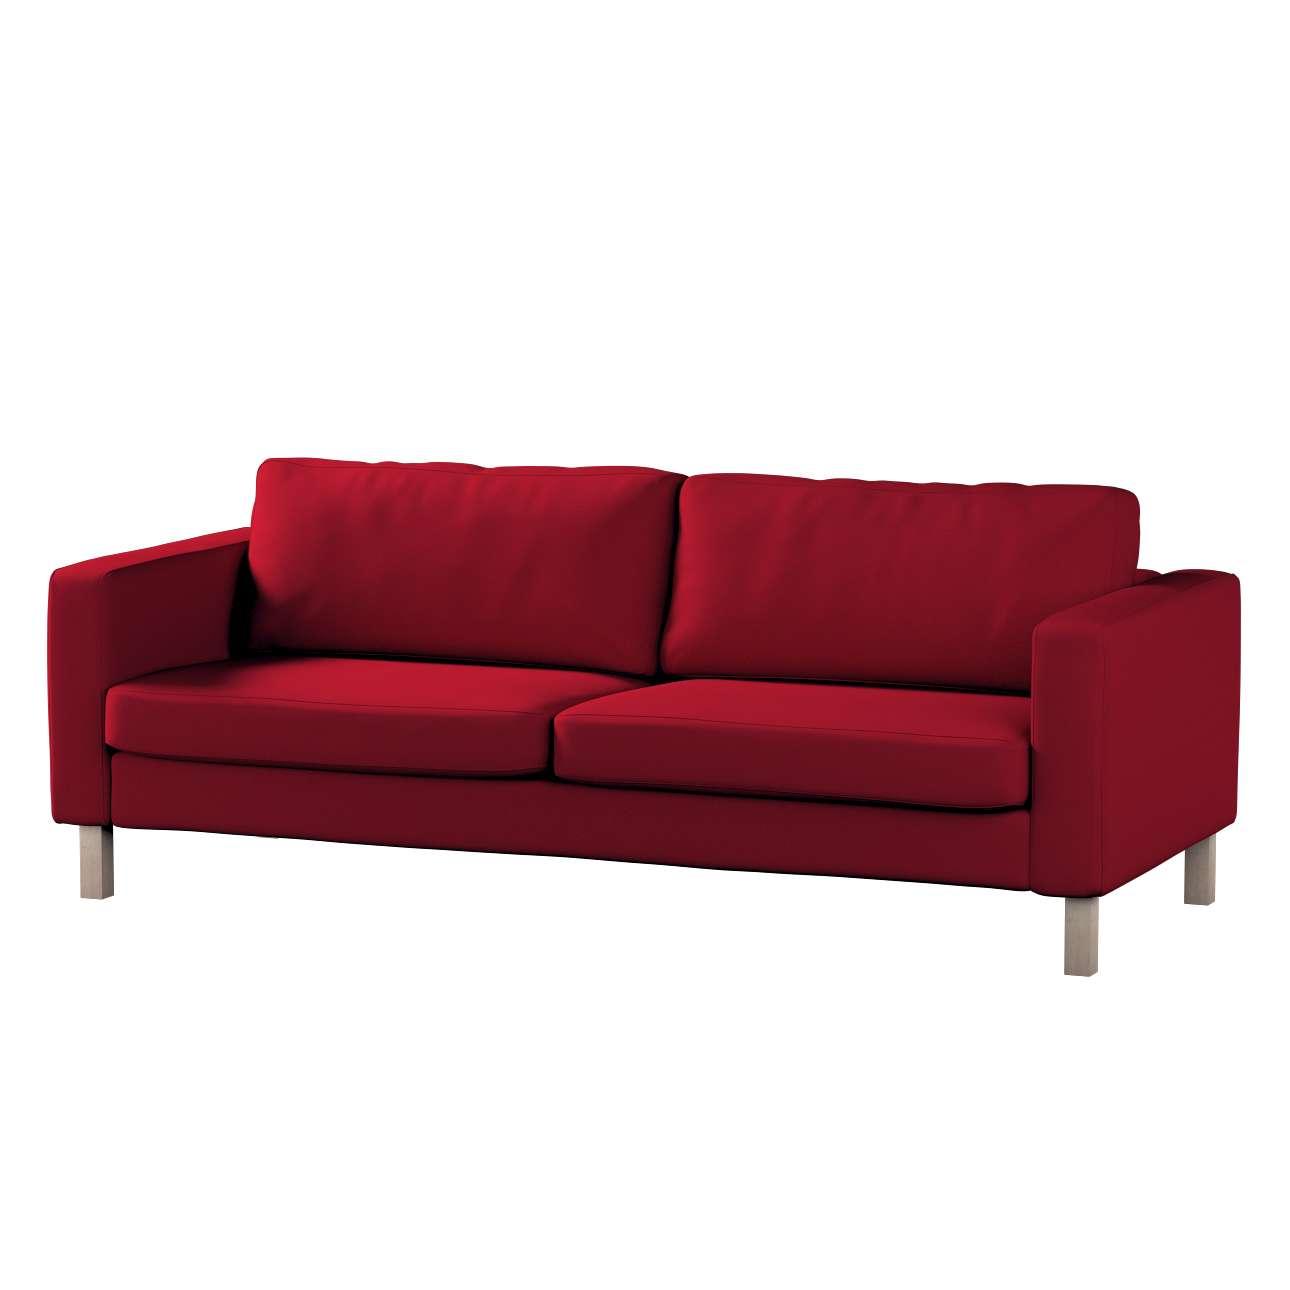 Pokrowiec na sofę Karlstad rozkładaną, krótki Sofa Karlstad 3-os rozkładana w kolekcji Etna , tkanina: 705-60